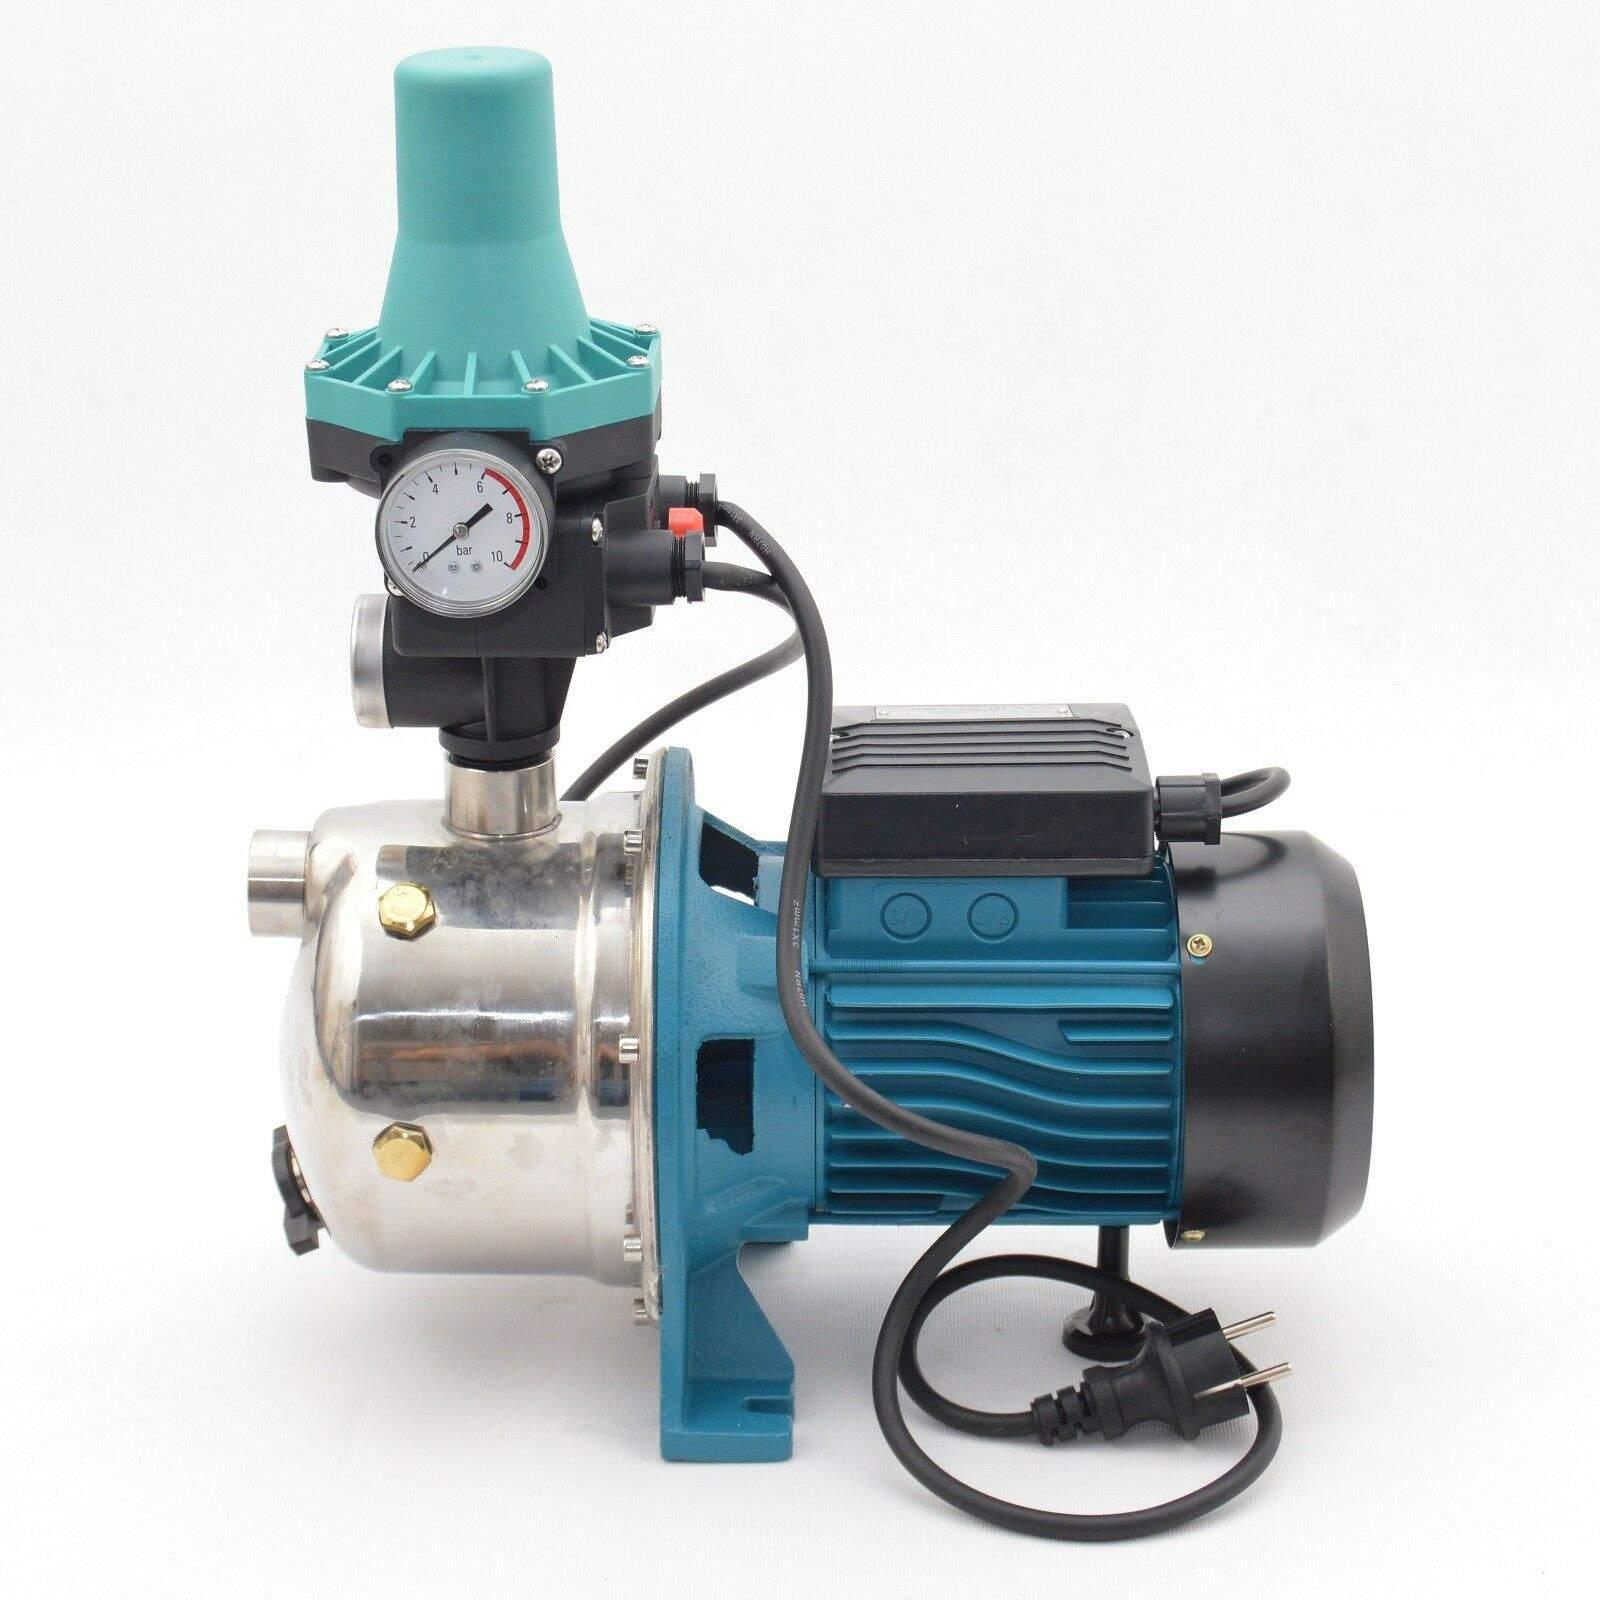 garten pumpe schon kreiselpumpe gartenpumpe 1100 watt 3600 l h 5 bar pumpensteuerung wasserautomat of garten pumpe